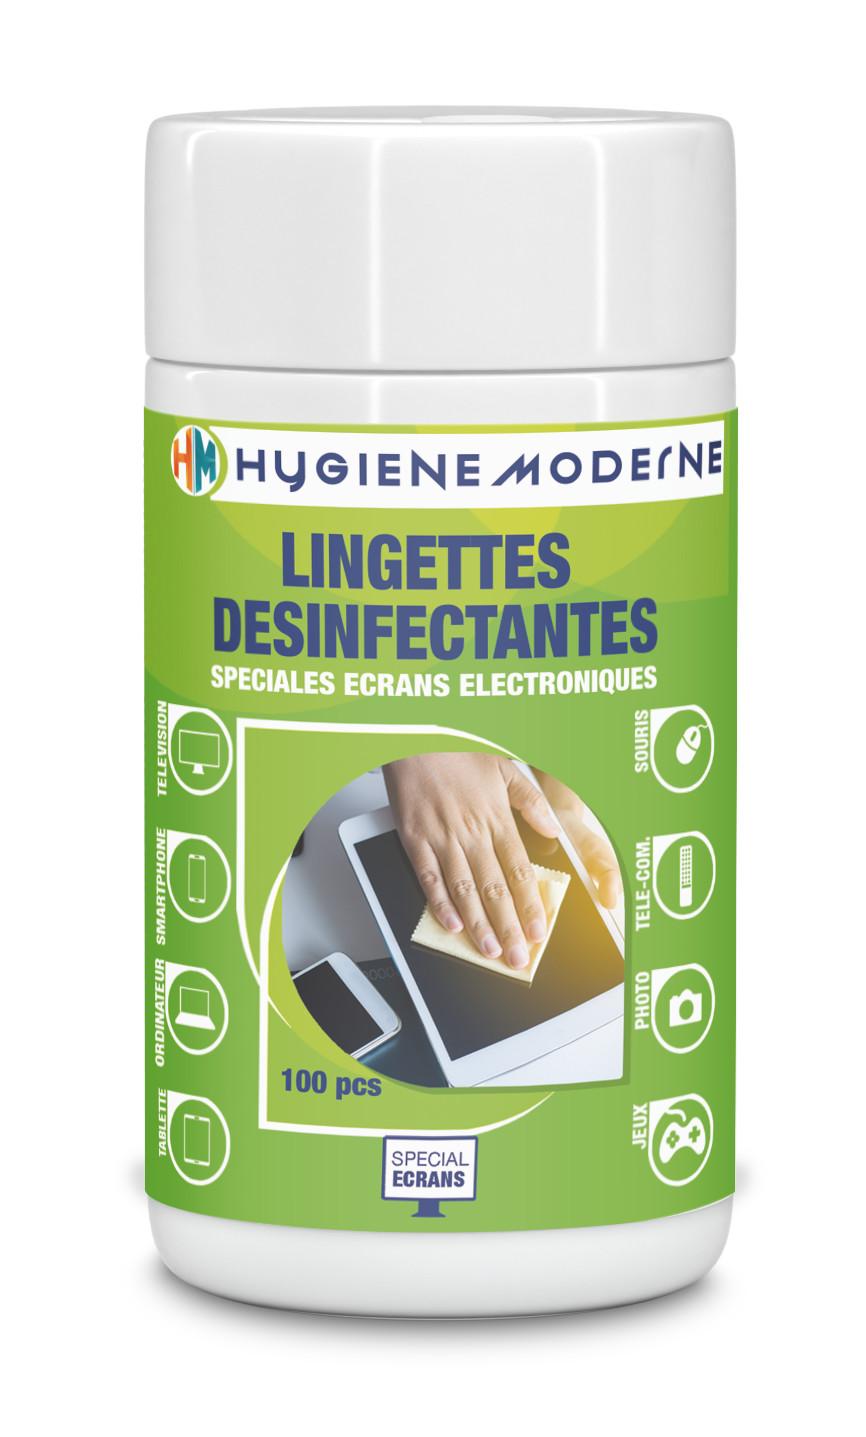 Grande Boite de 100 Lingettes nettoyantes et désinfectantes pour grands écrans HYGIENE MODERNE